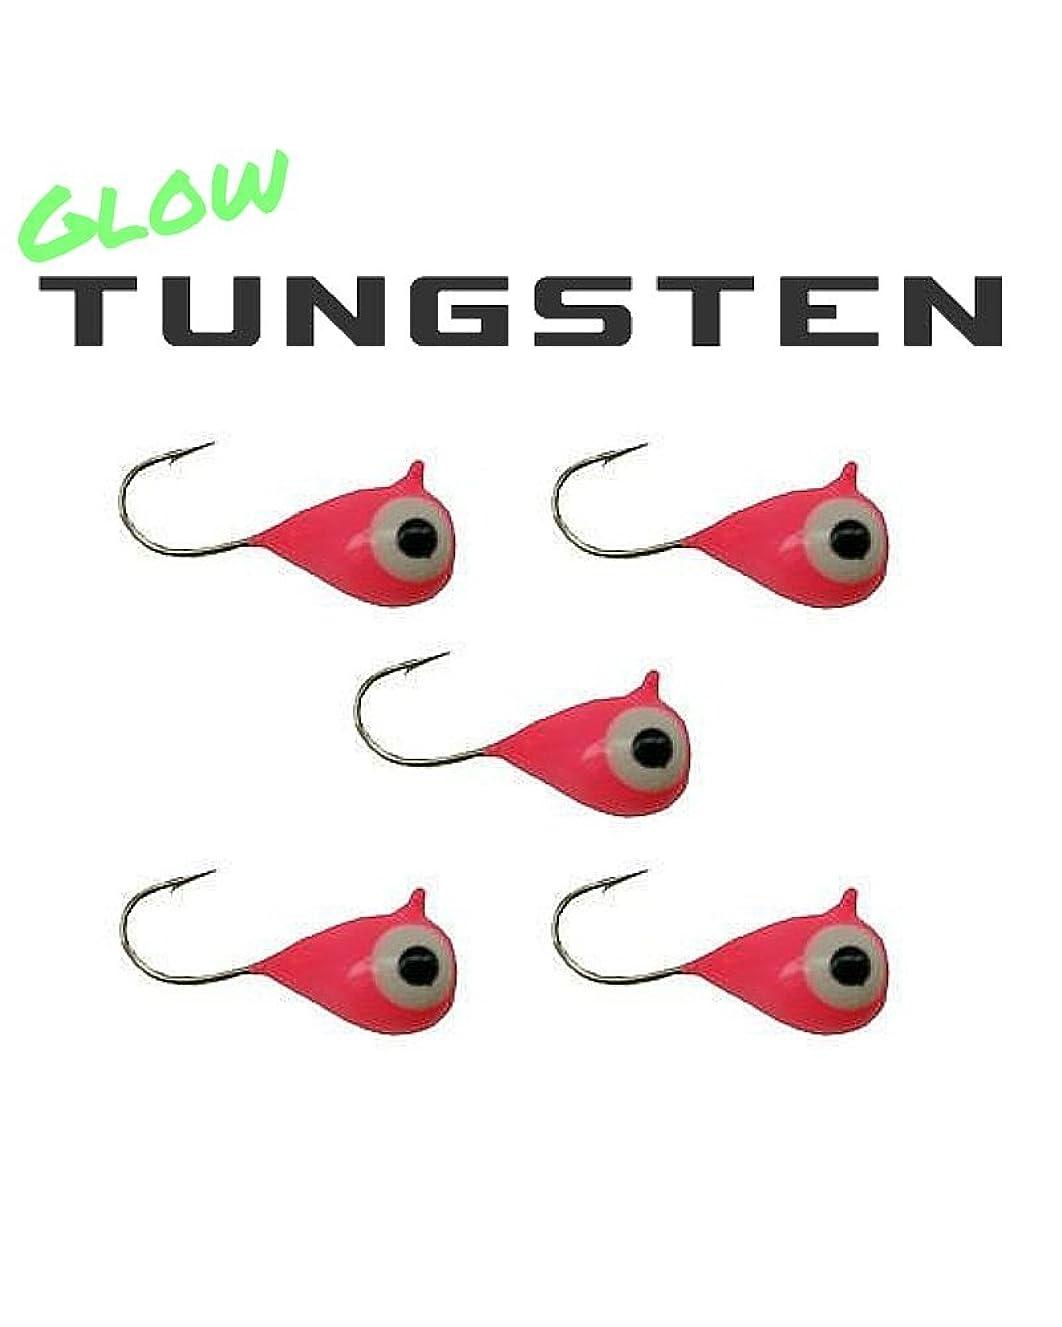 Kenders (5 Pack Tungsten Jig - Bright Pink Glow